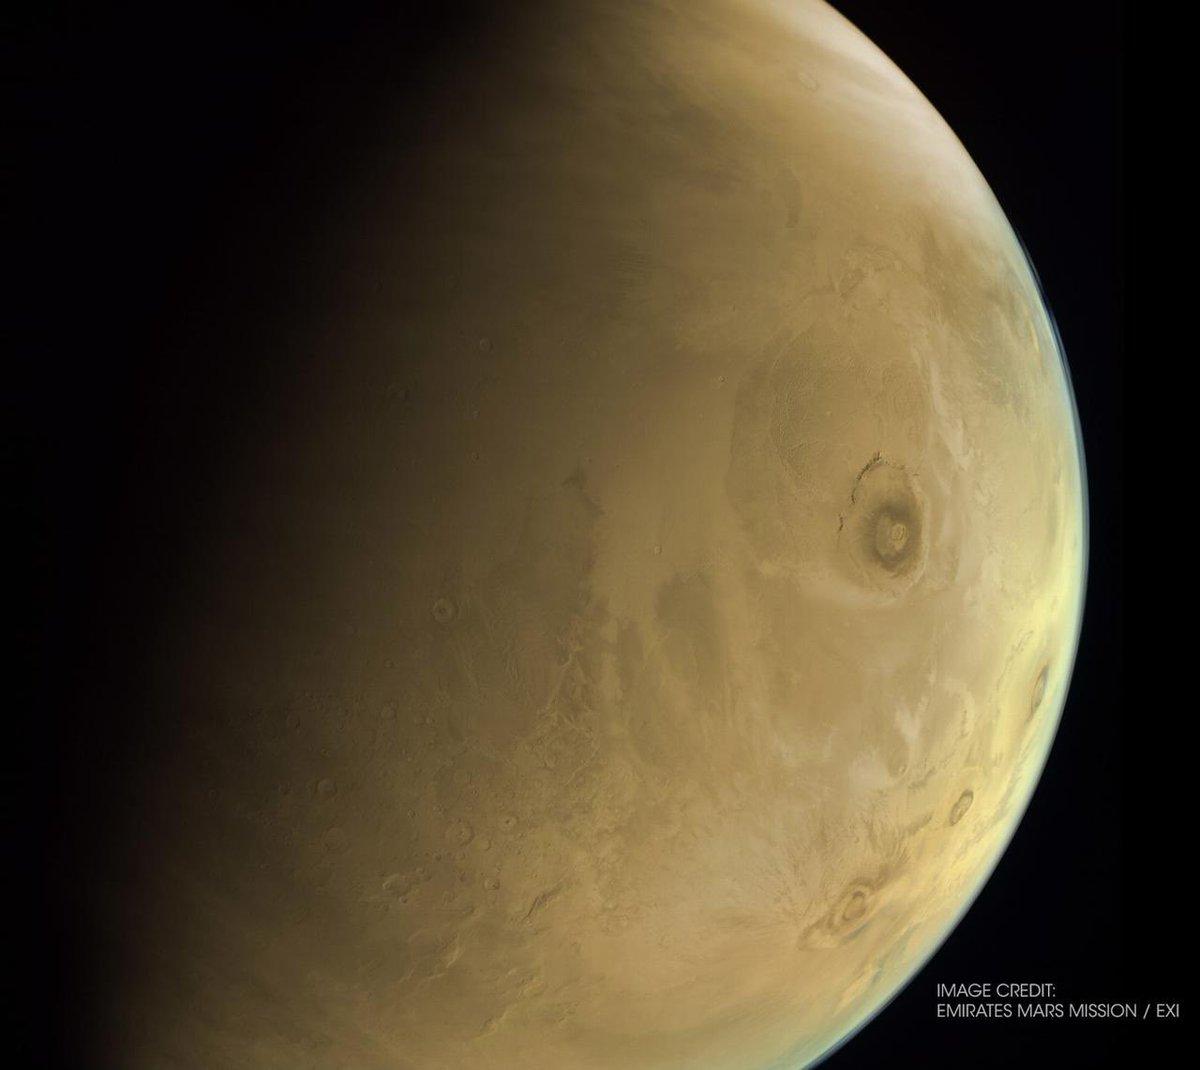 [EAU] Sonde martienne Al-Amal/Hope - Page 2 EwGdqZaWEAISj3h?format=jpg